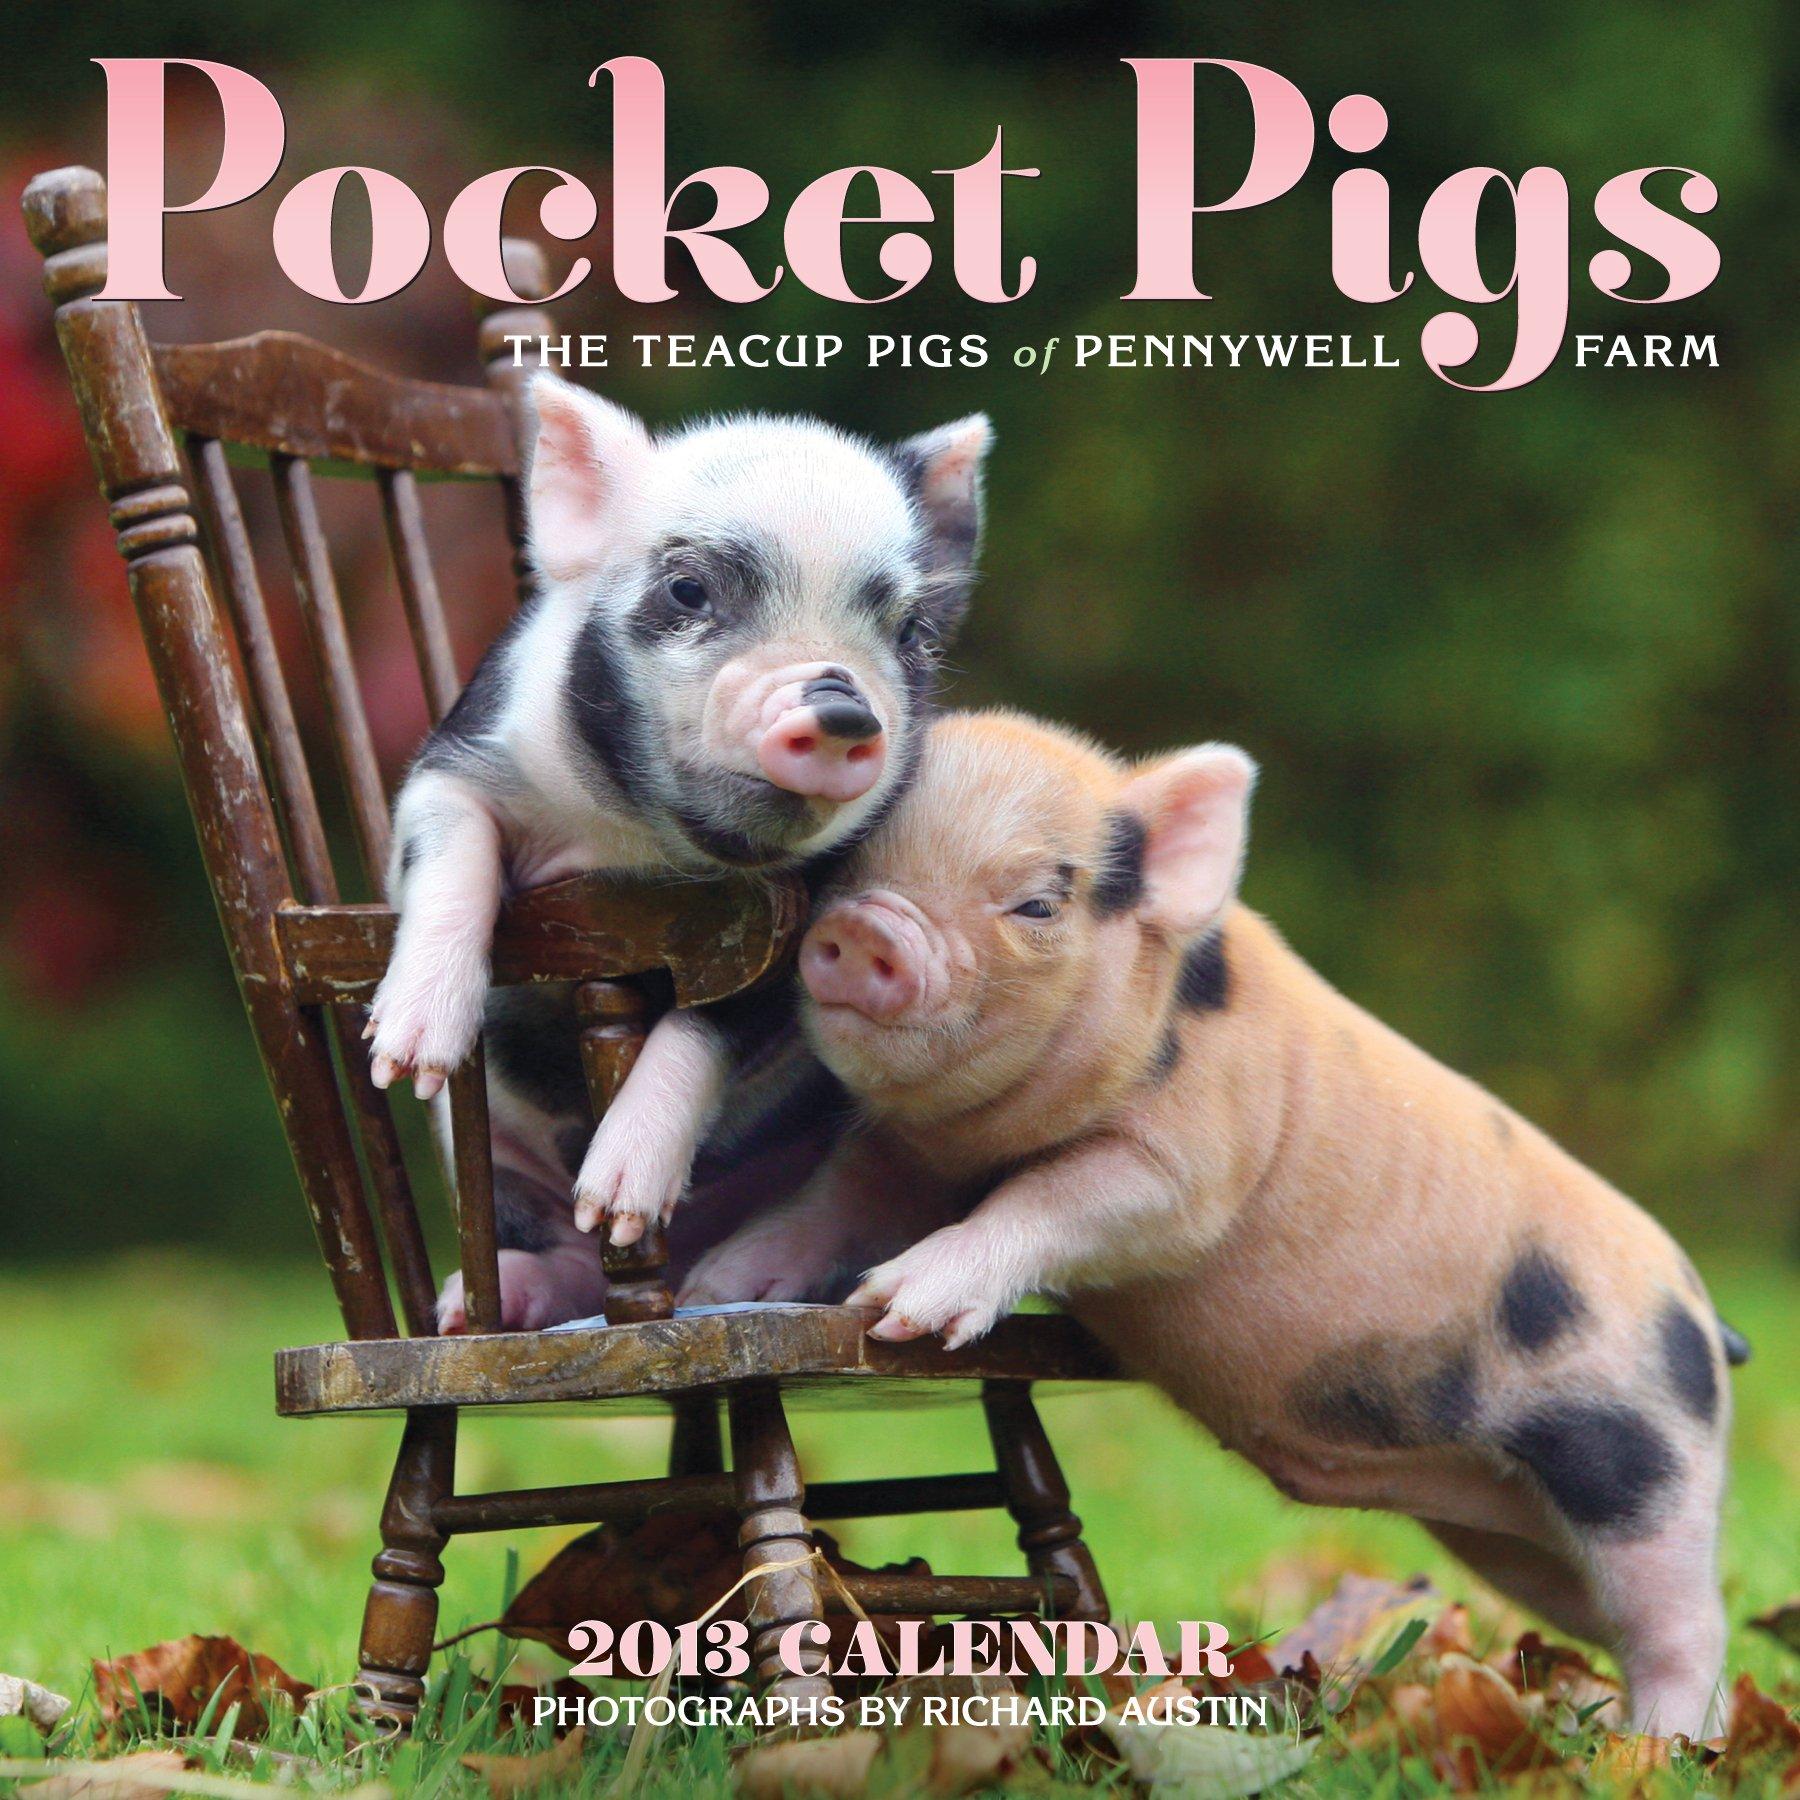 Amazon pocket pigs 2013 wall calendar the teacup pigs of amazon pocket pigs 2013 wall calendar the teacup pigs of pennywell farm 9780761167273 richard austin books voltagebd Choice Image